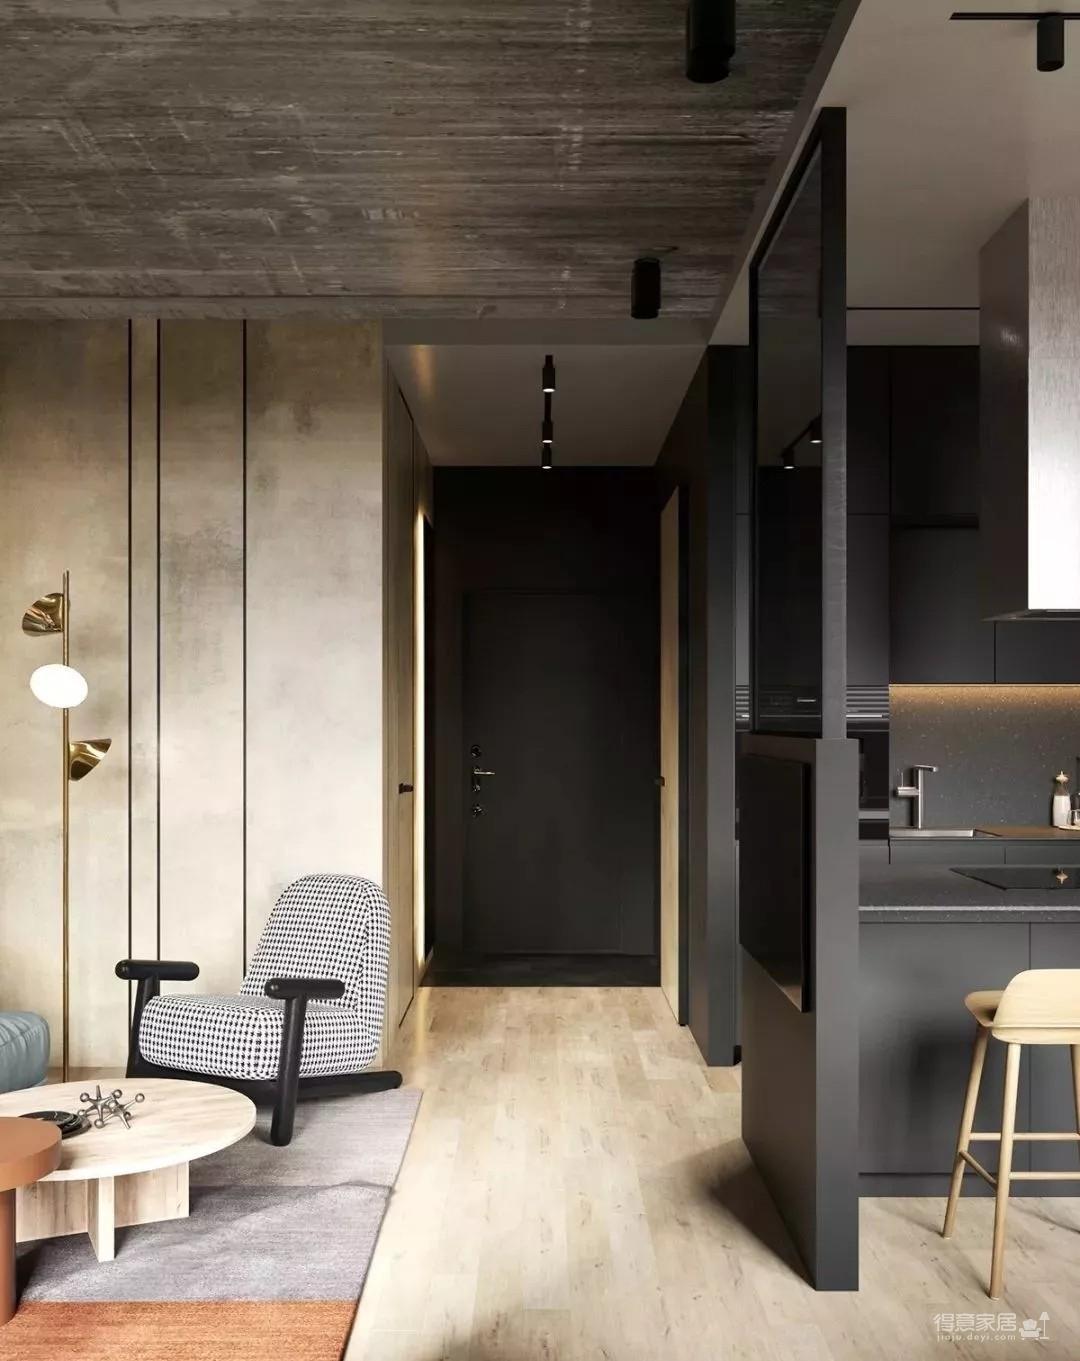 一套56㎡的住宅,设计很厉害,有颜有格调 !